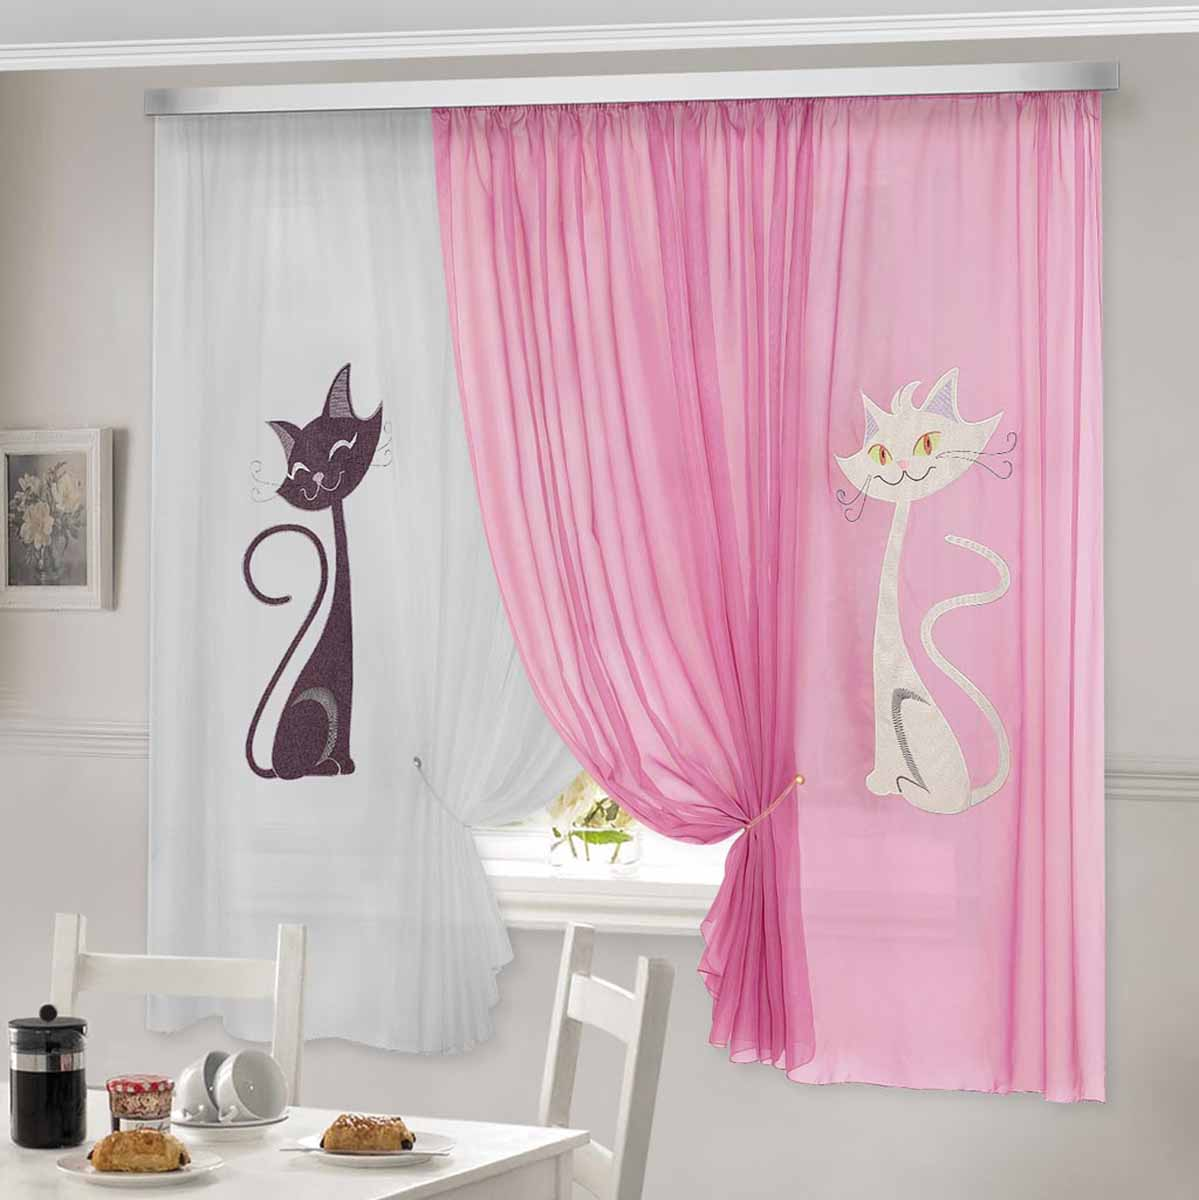 Комплект штор ТД Текстиль Кэти, на ленте, цвет: розовый, белый, высота 180 смSVC-300Шторы выполнены из вуалевого полотна с аппликацией в виде кошек. Стирать аккуратно, не более 30-40 градусов. Цвета в ассортименте.